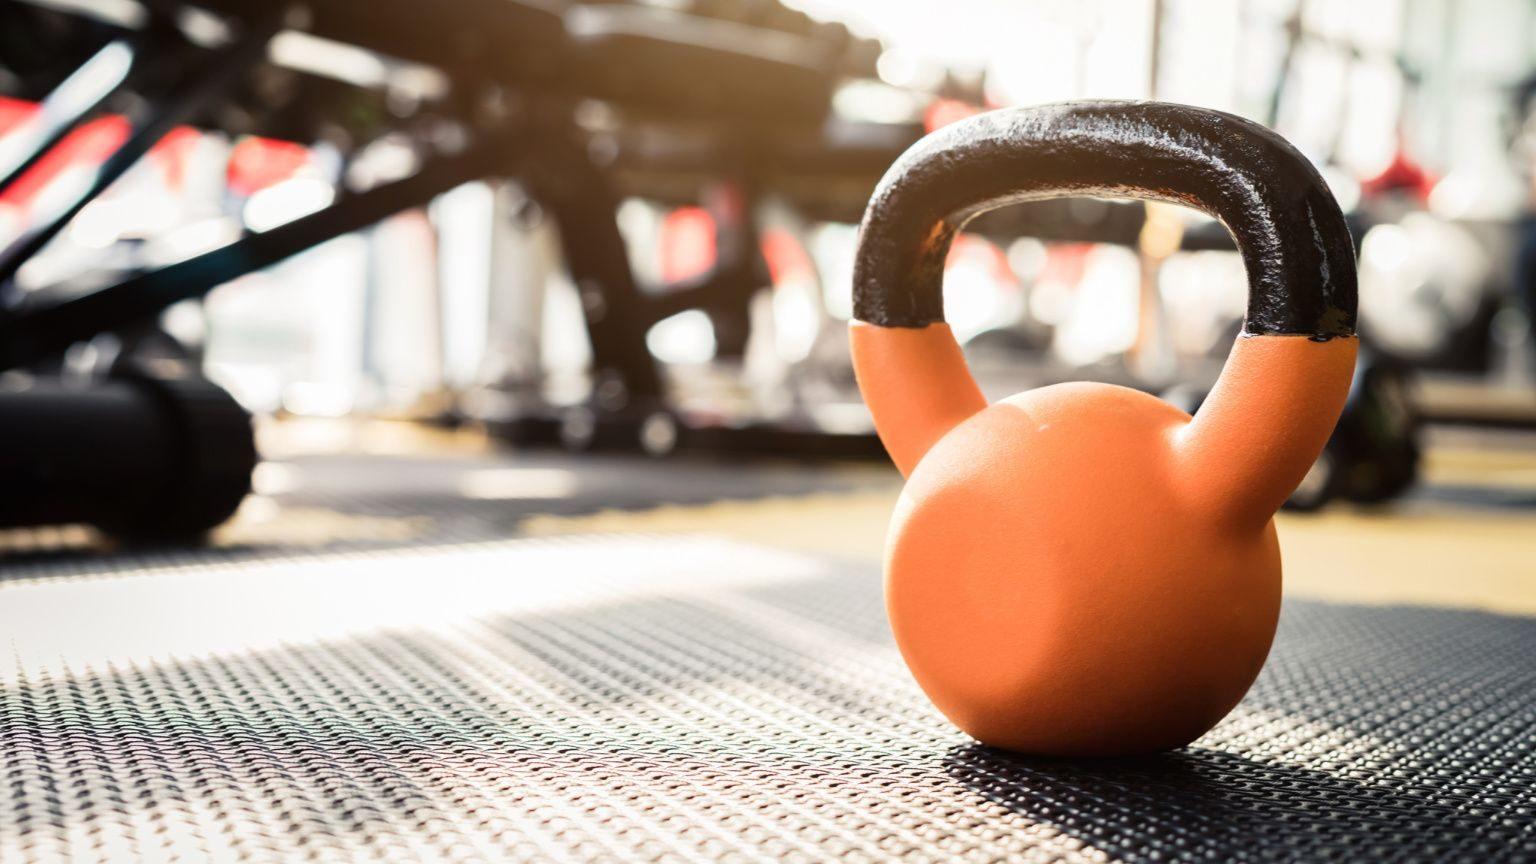 a kettlebell on the floor of a gym